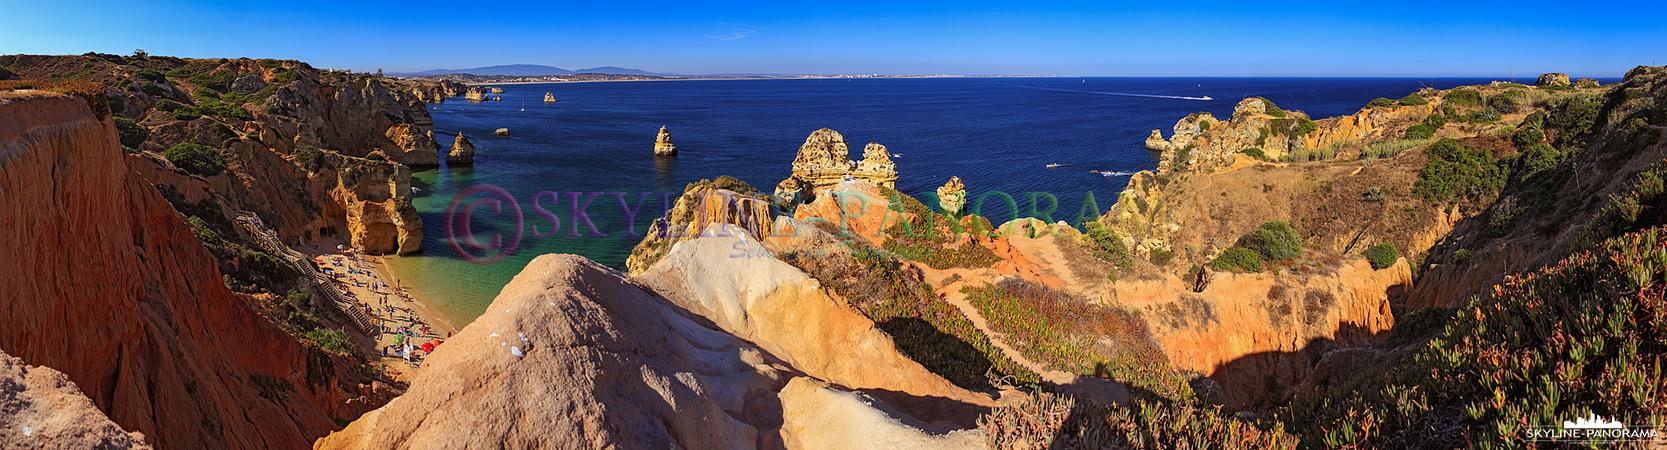 Portugal Bilder Algarve - Blick in die Buchten bei Lagos an der portugiesischen Algarve.